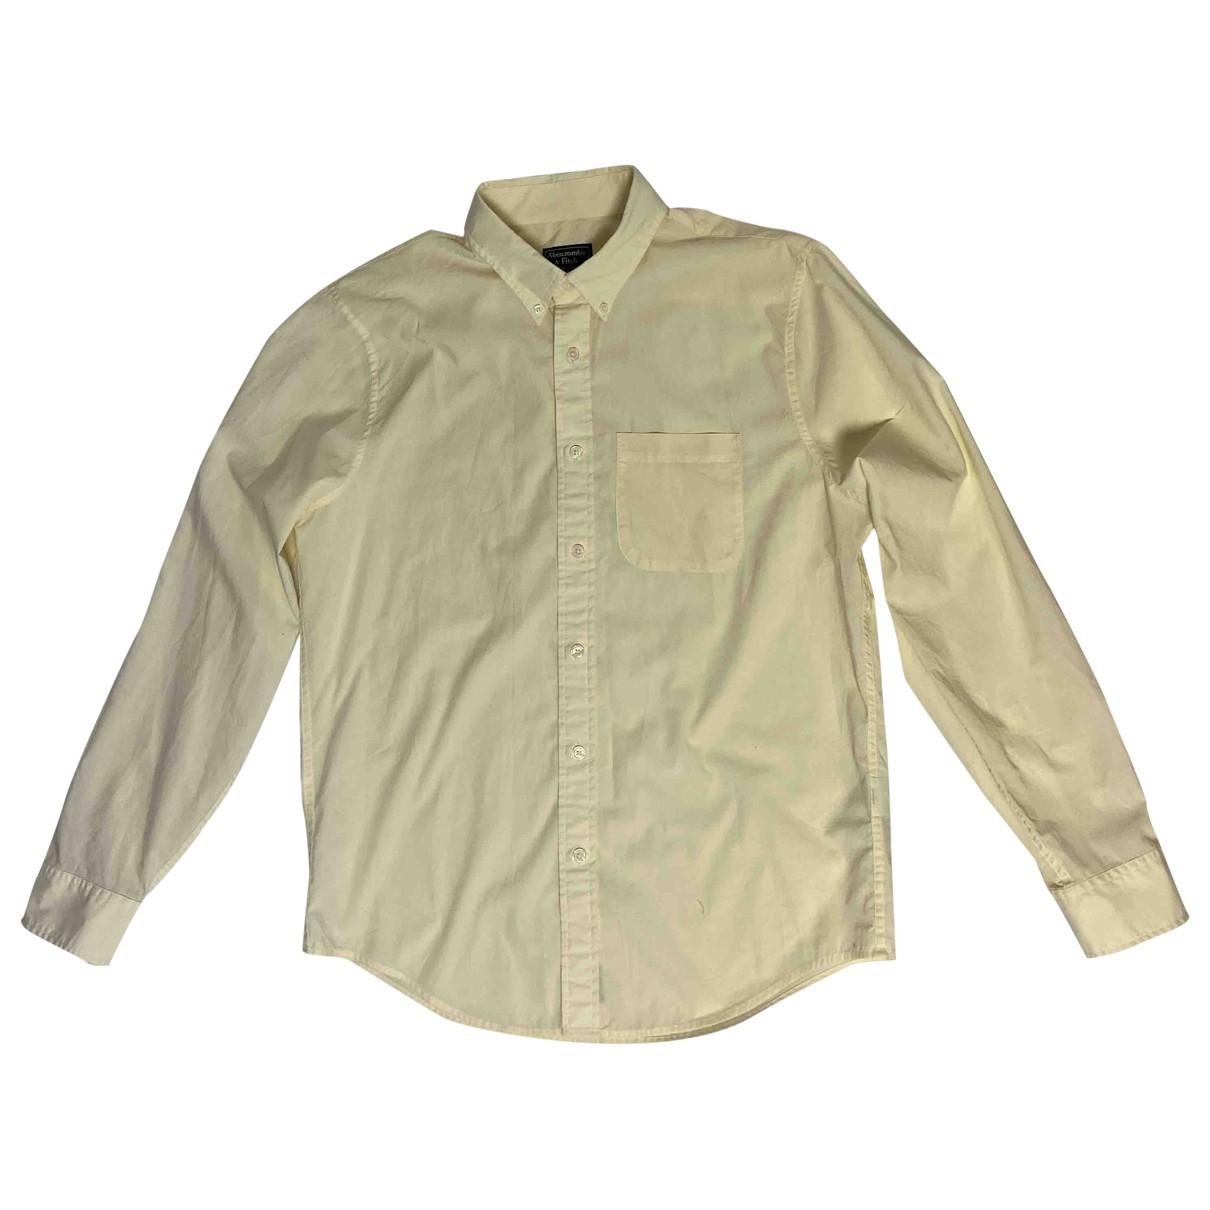 Abercrombie & Fitch - Chemises   pour homme en coton - jaune